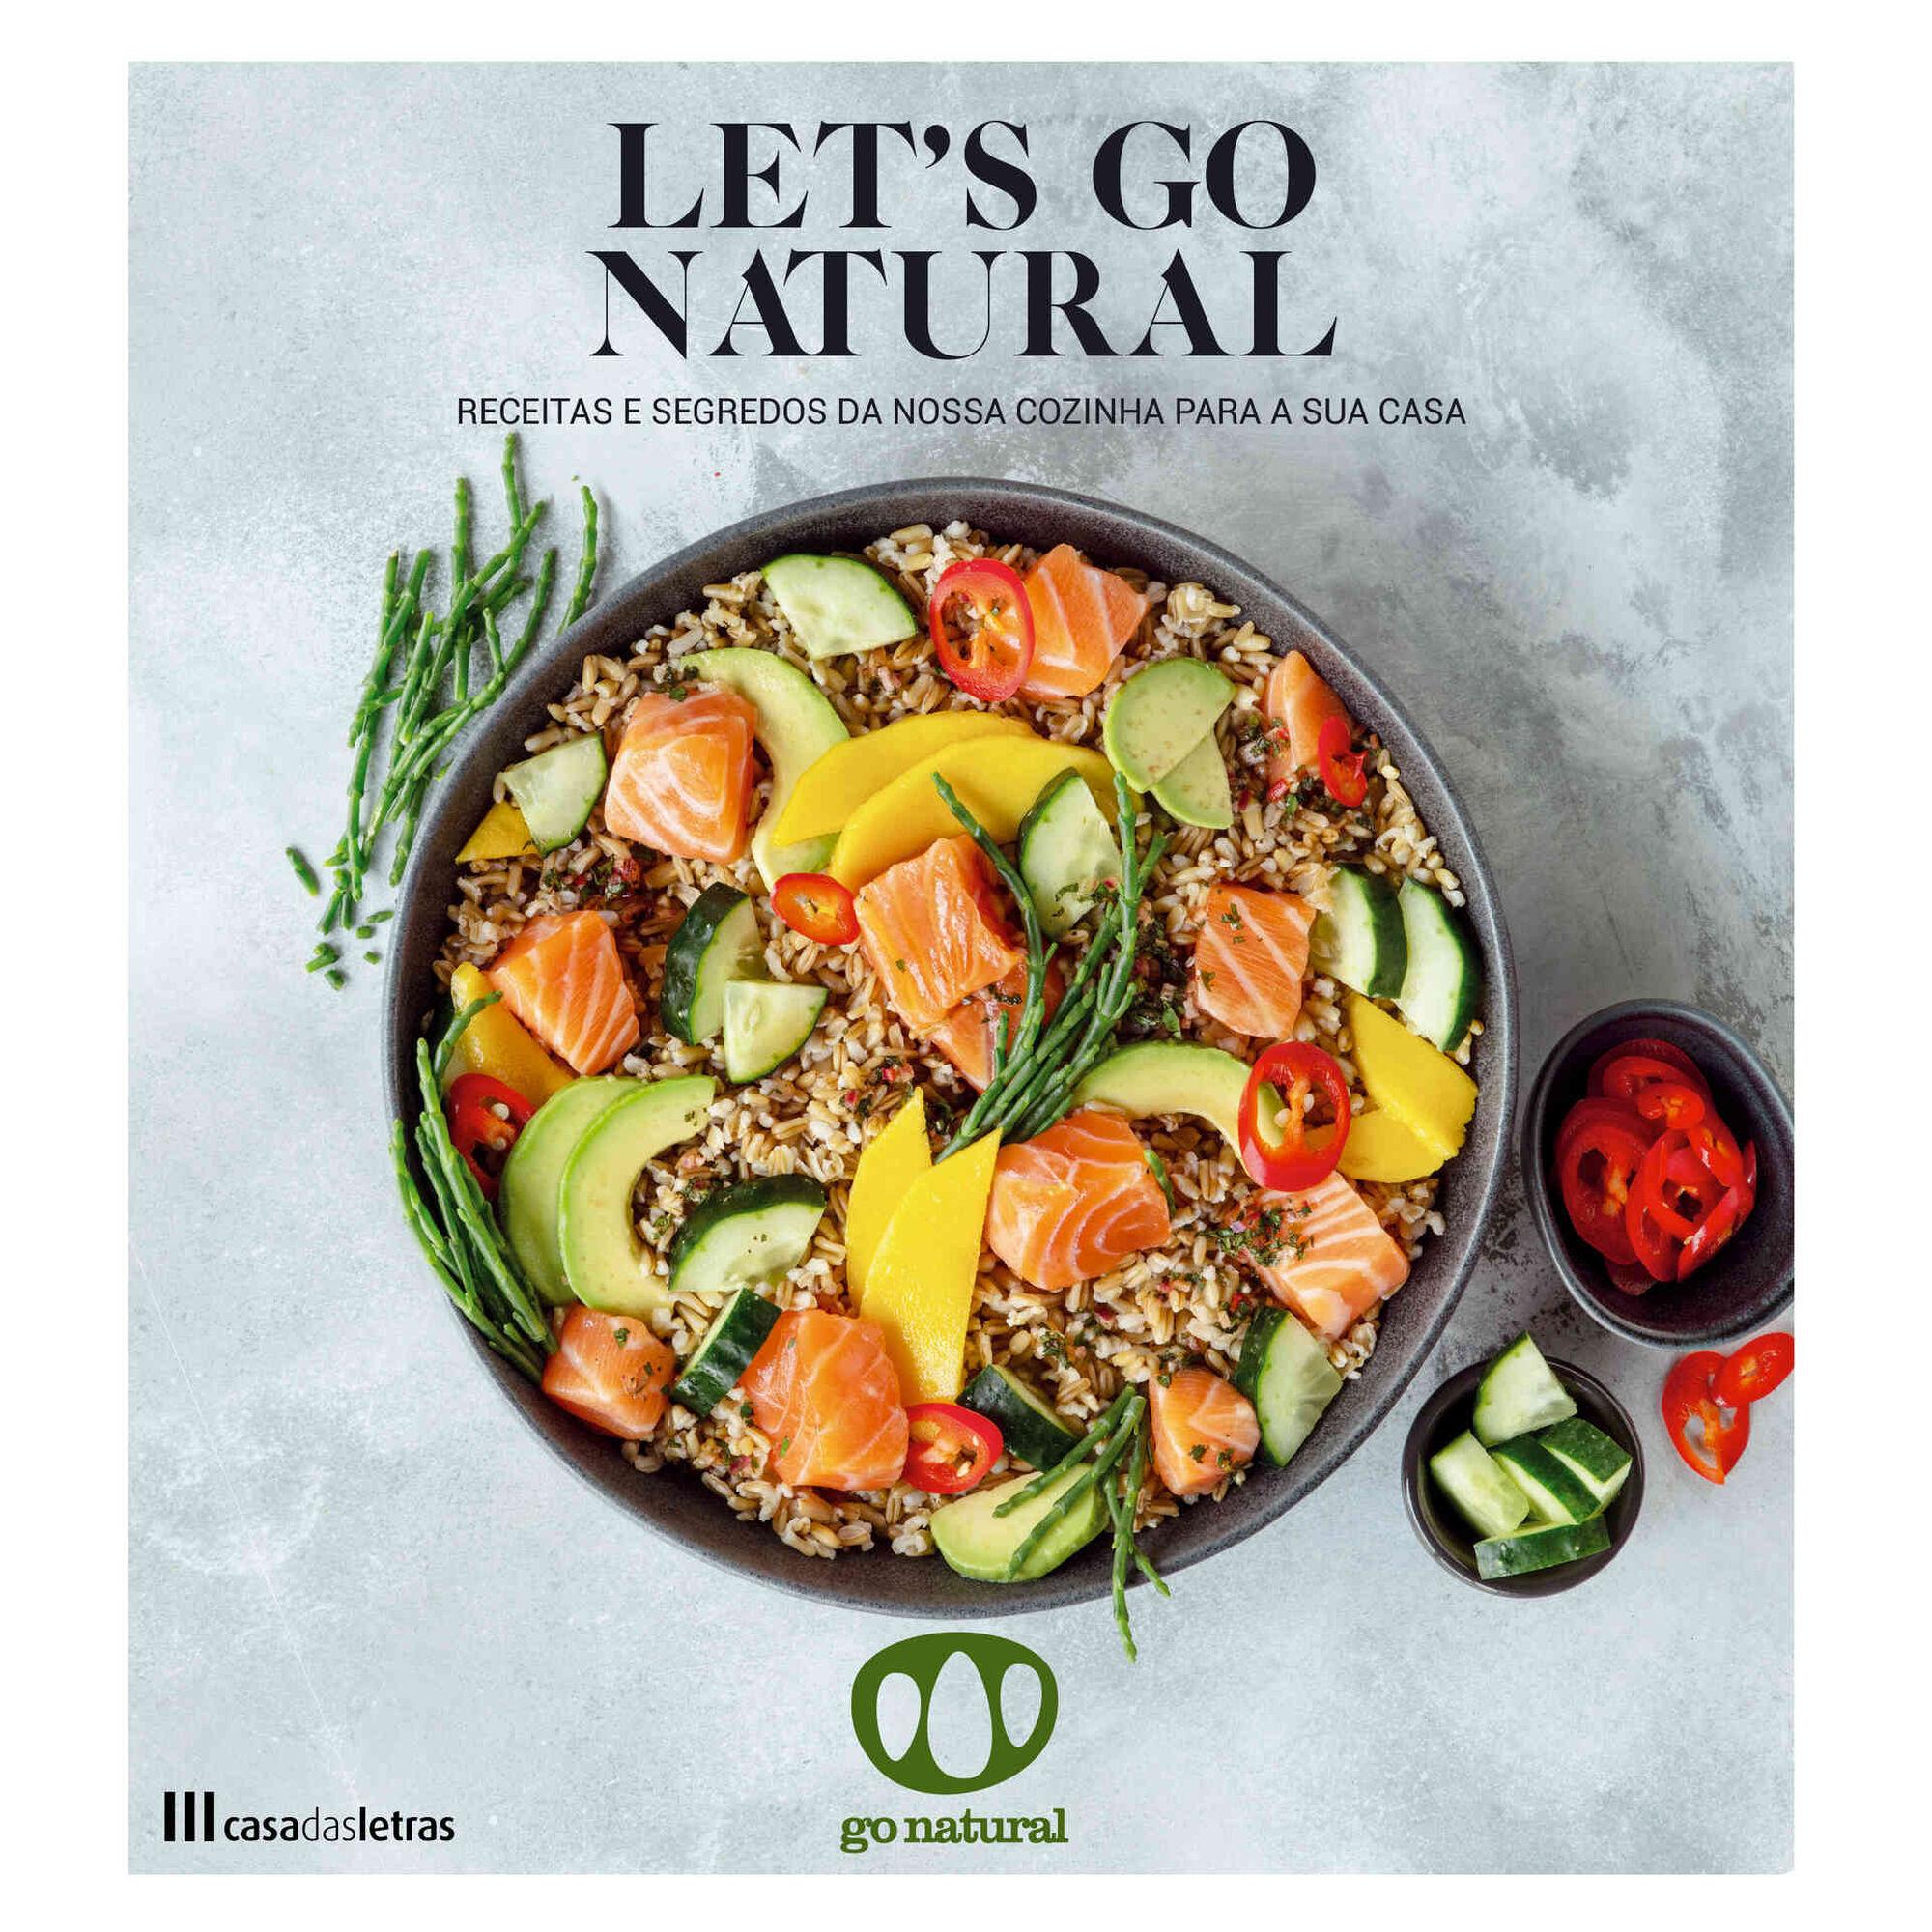 Let's Go Natural